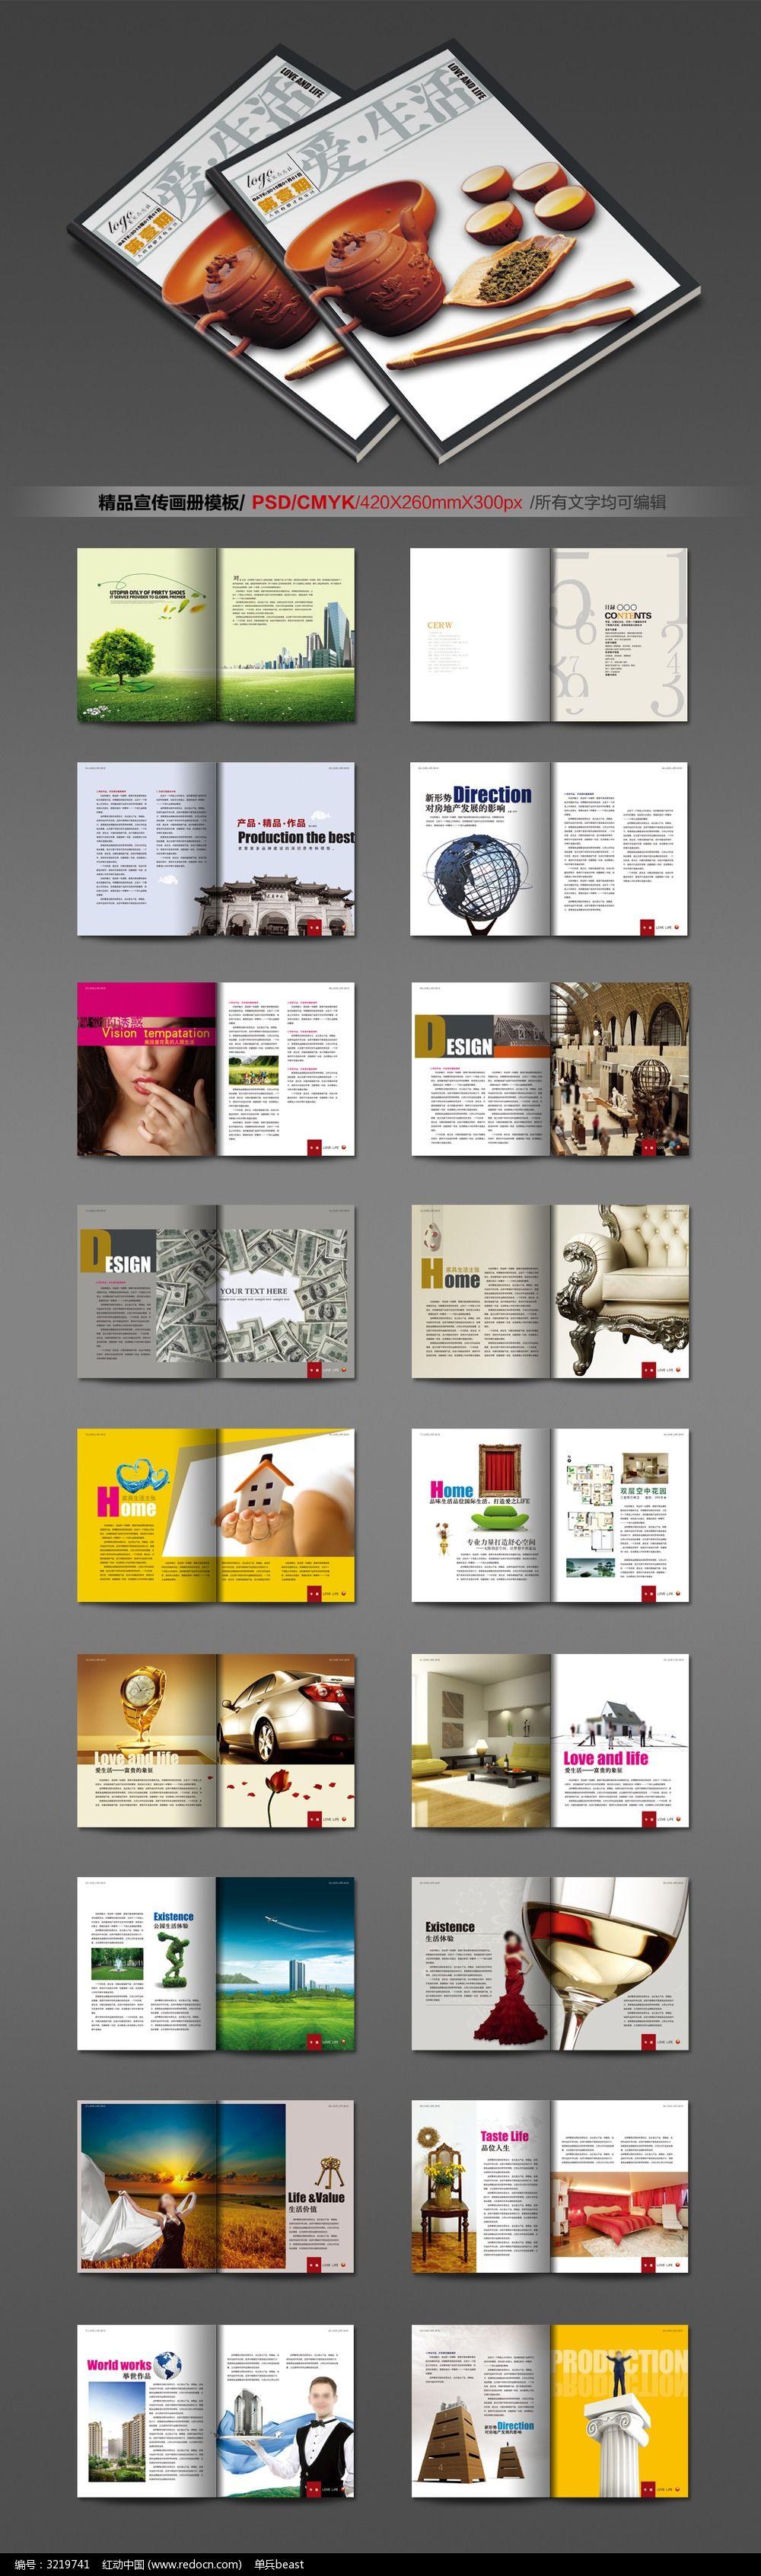 爱生活杂志宣传册画册图片